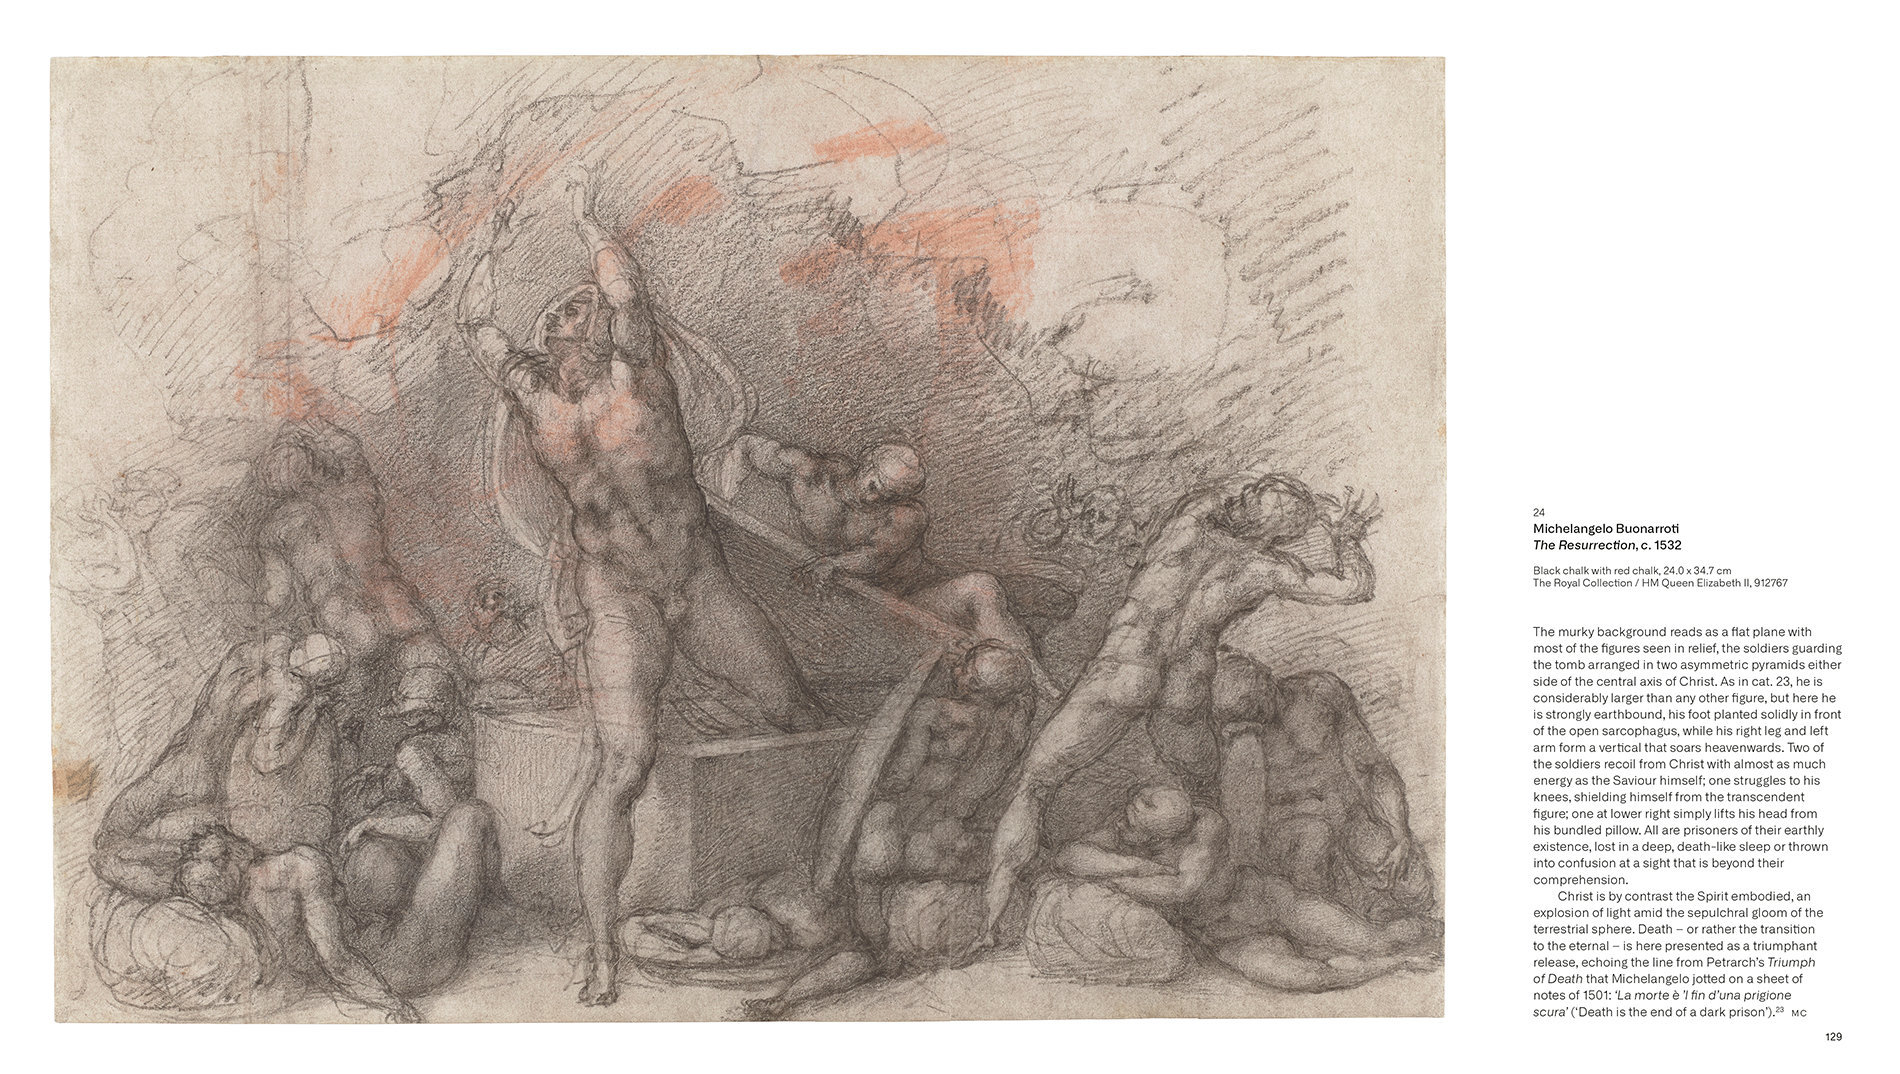 Bill Viola / Michelangelo - Life Death Rebirth